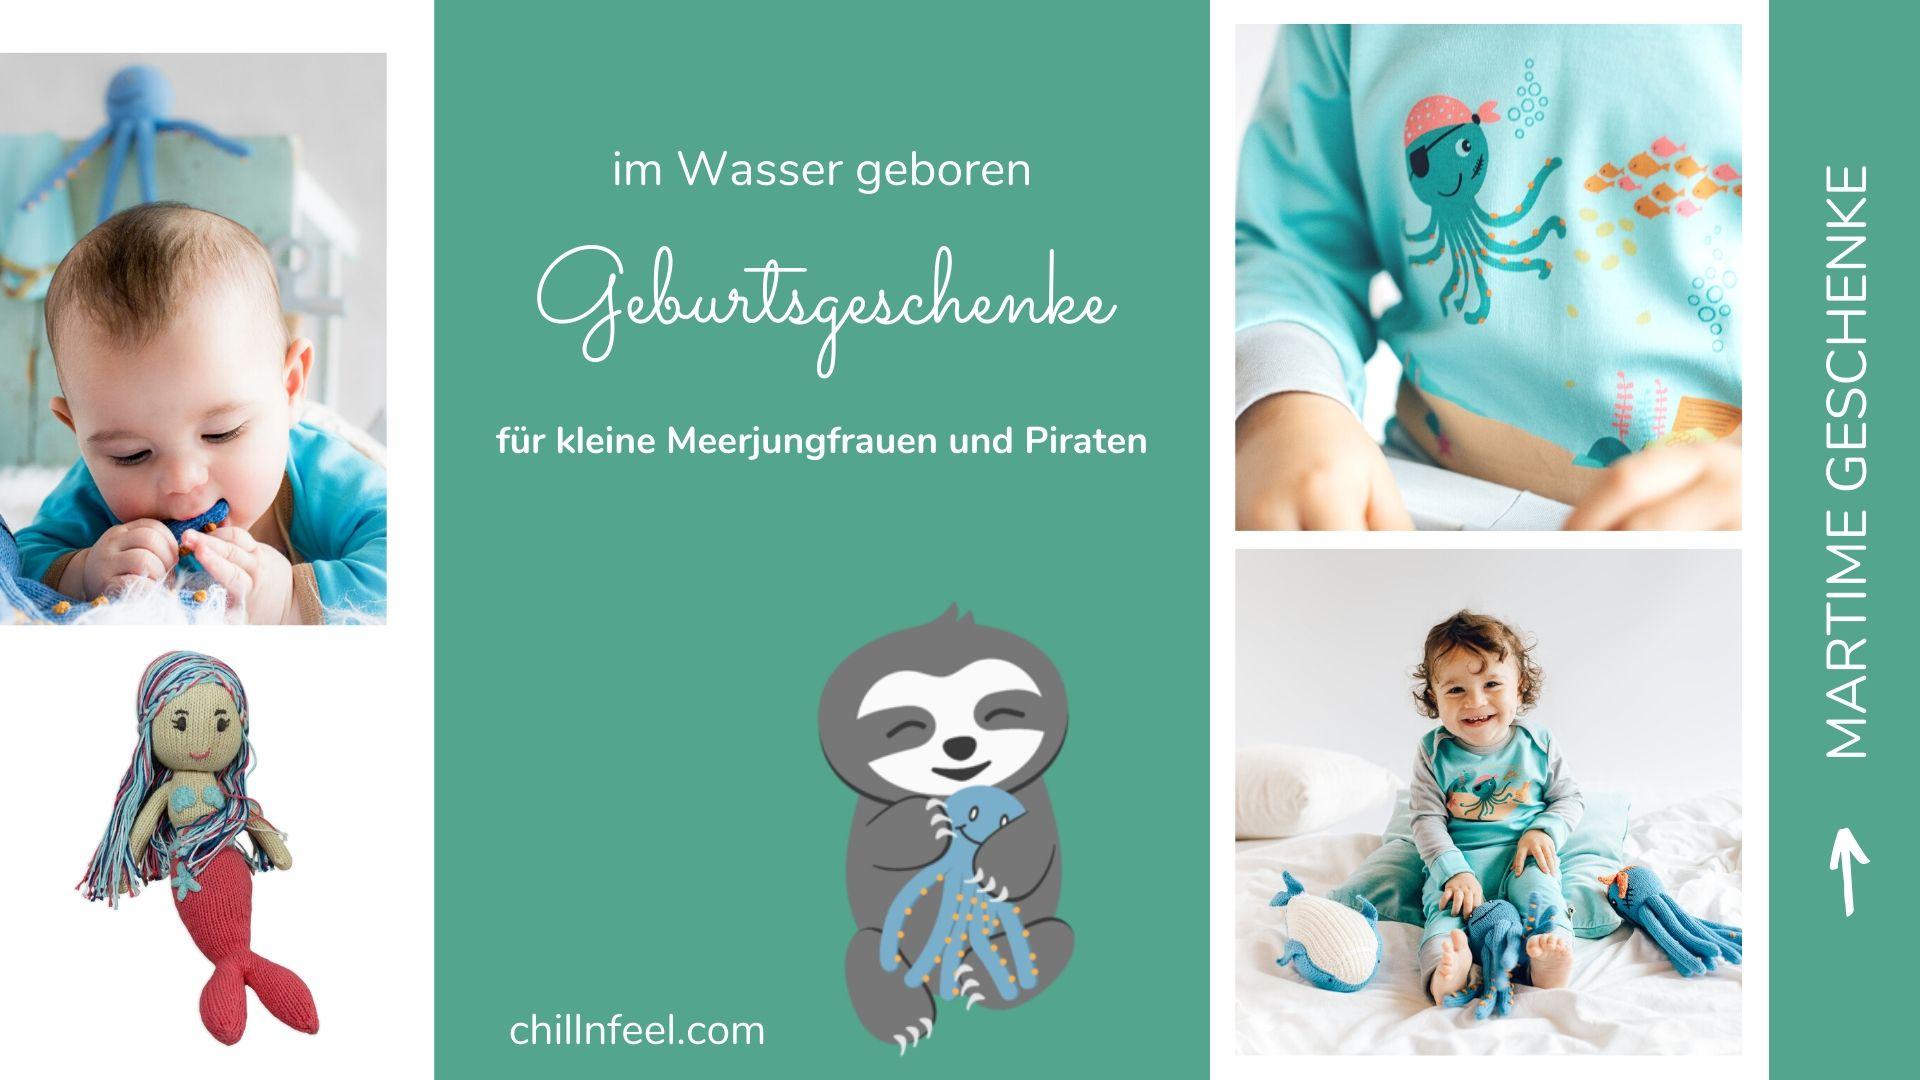 Chill n Feel - Geburtsgeschenk_Wassergeburt